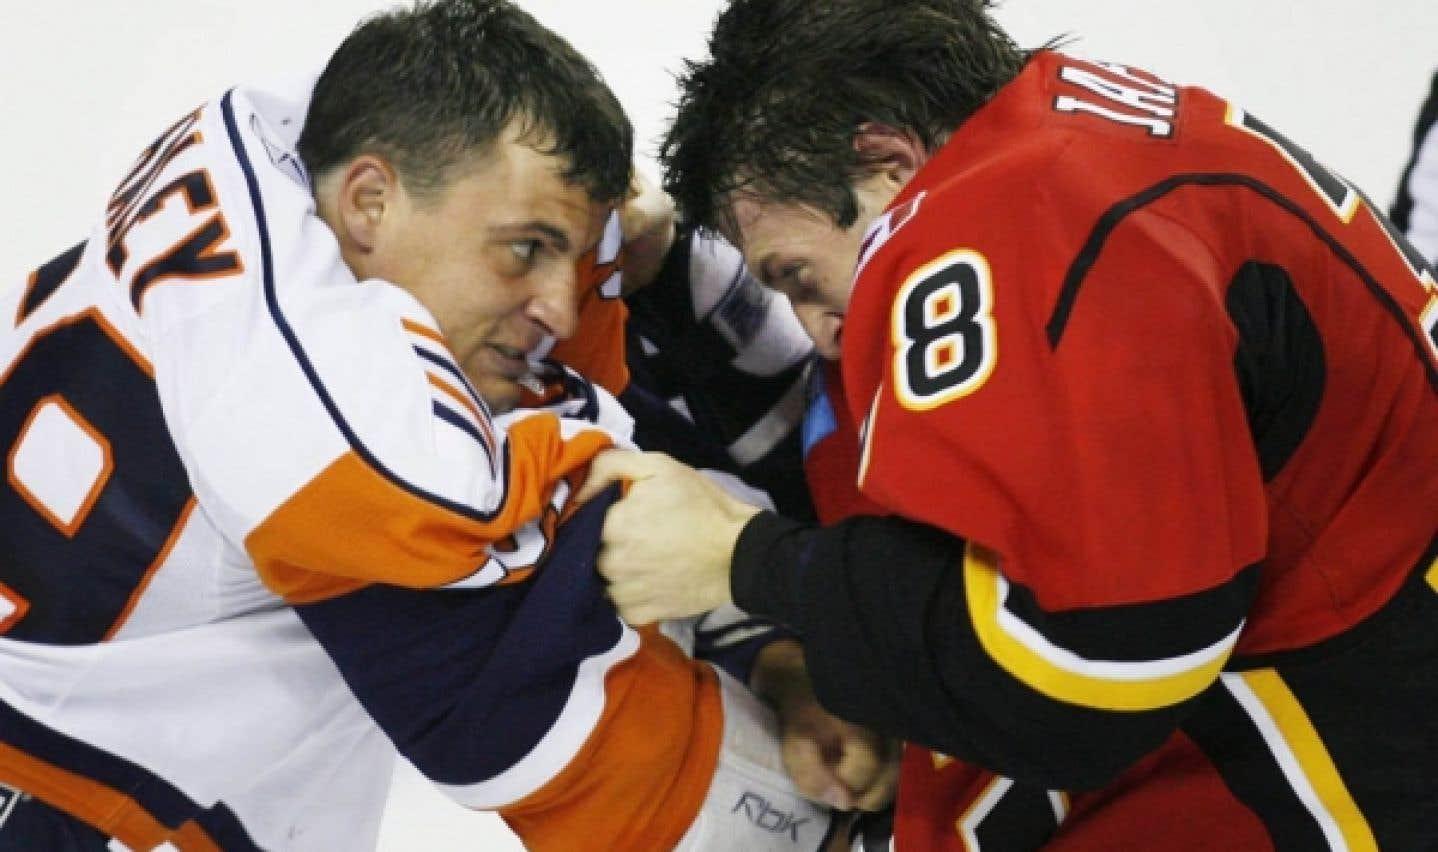 Violent, le hockey? Oui, mais ça se soigne